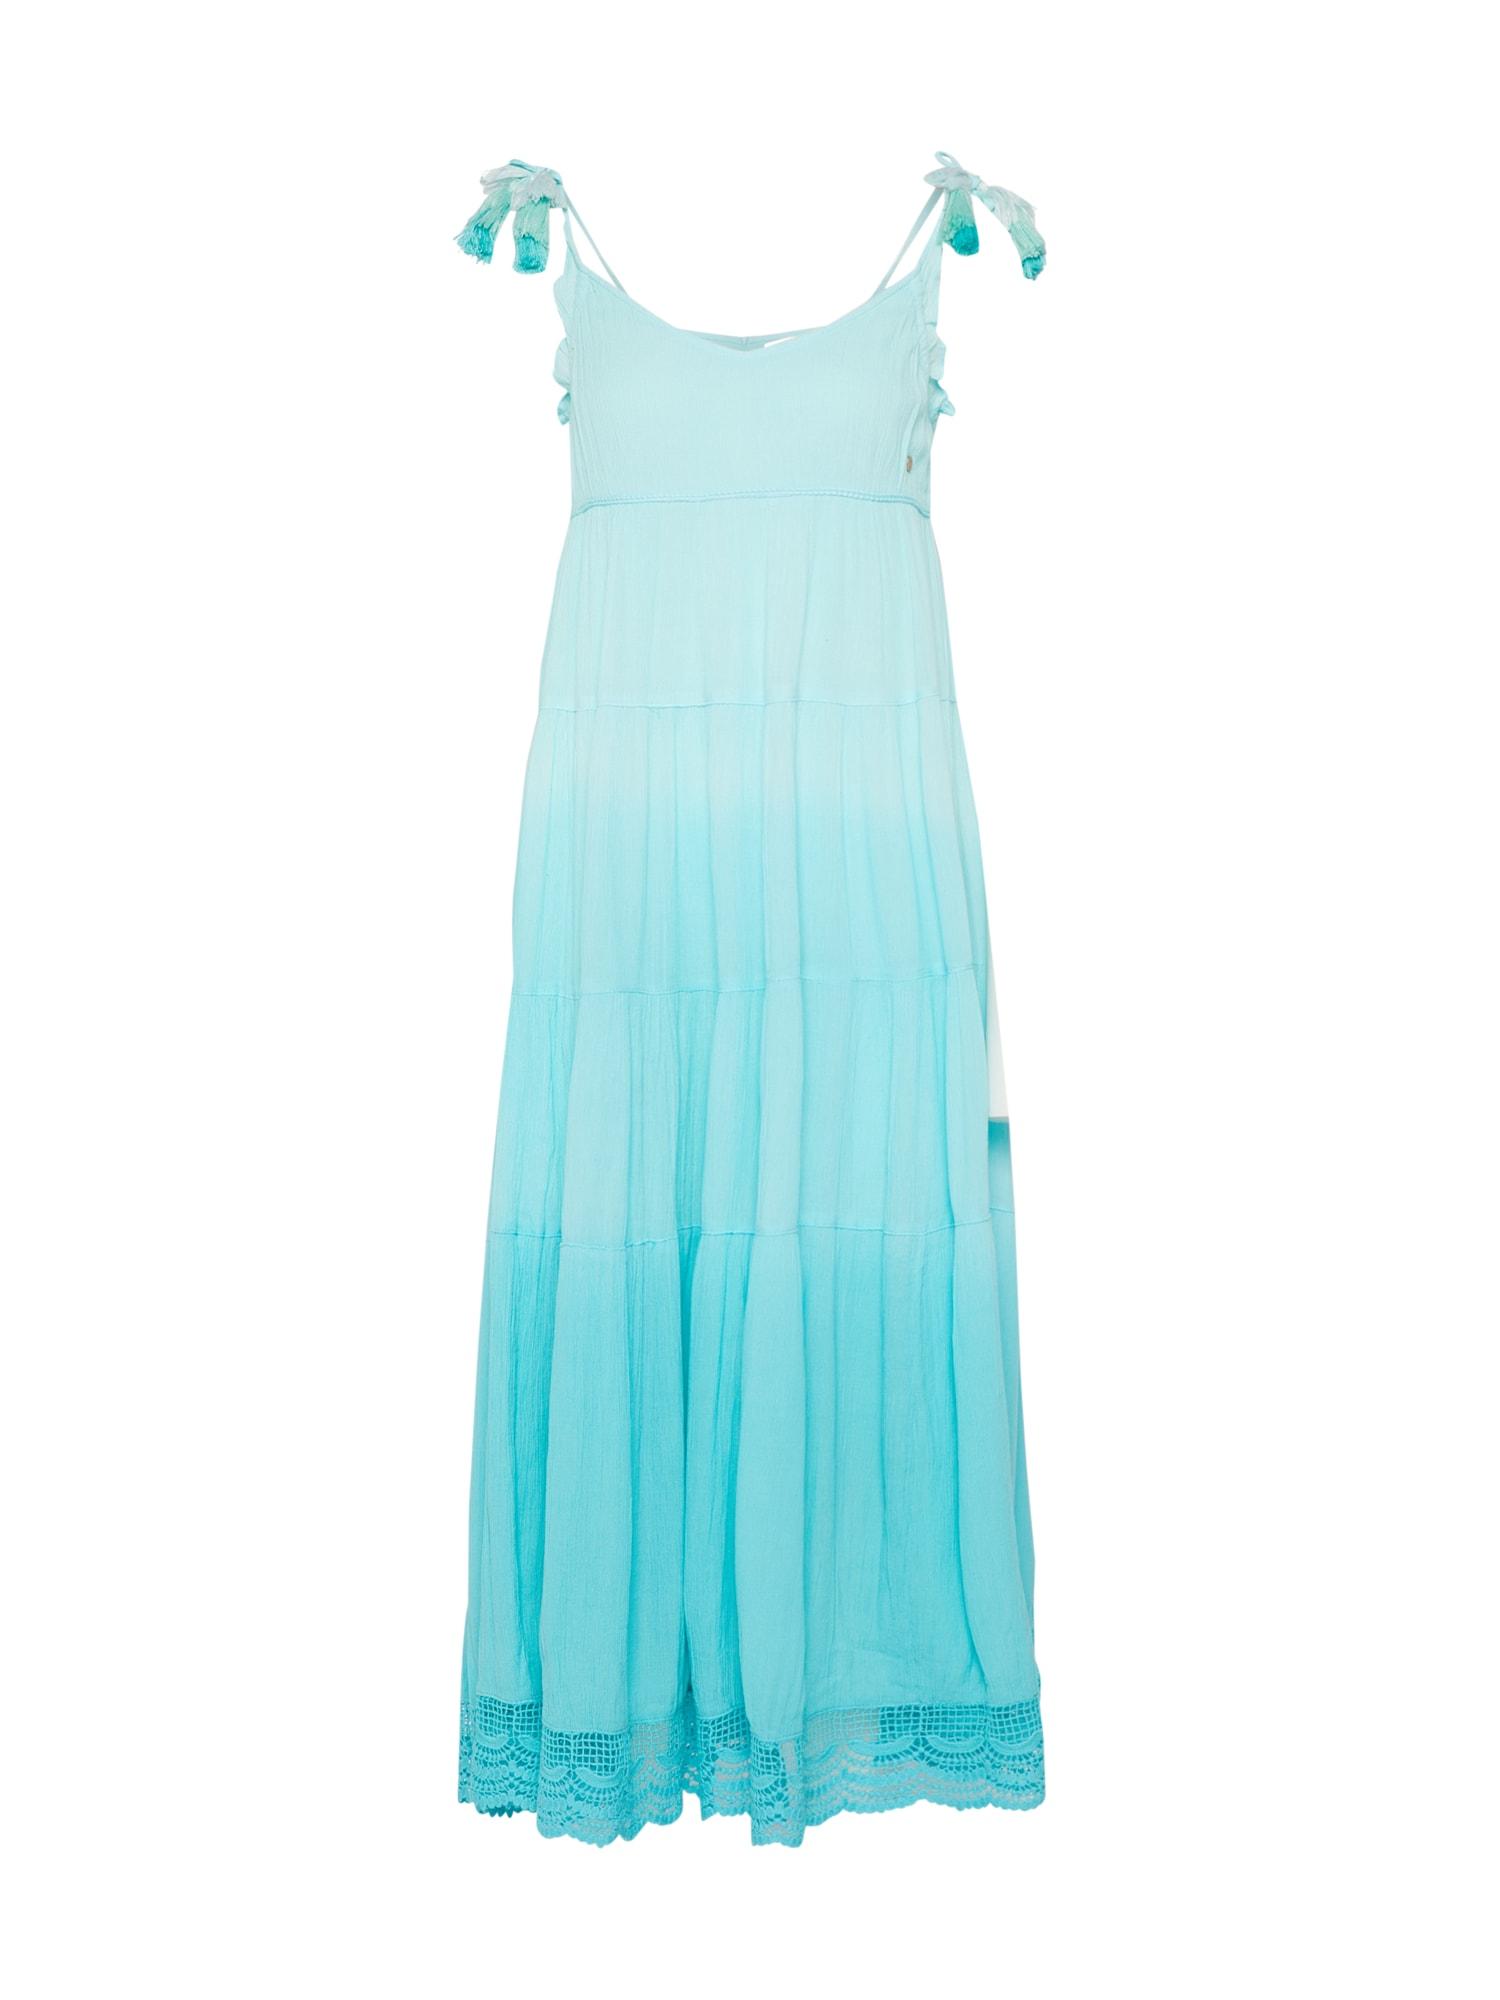 Khujo, Dames Zomerjurk 'SUMY', turquoise / aqua / lichtblauw